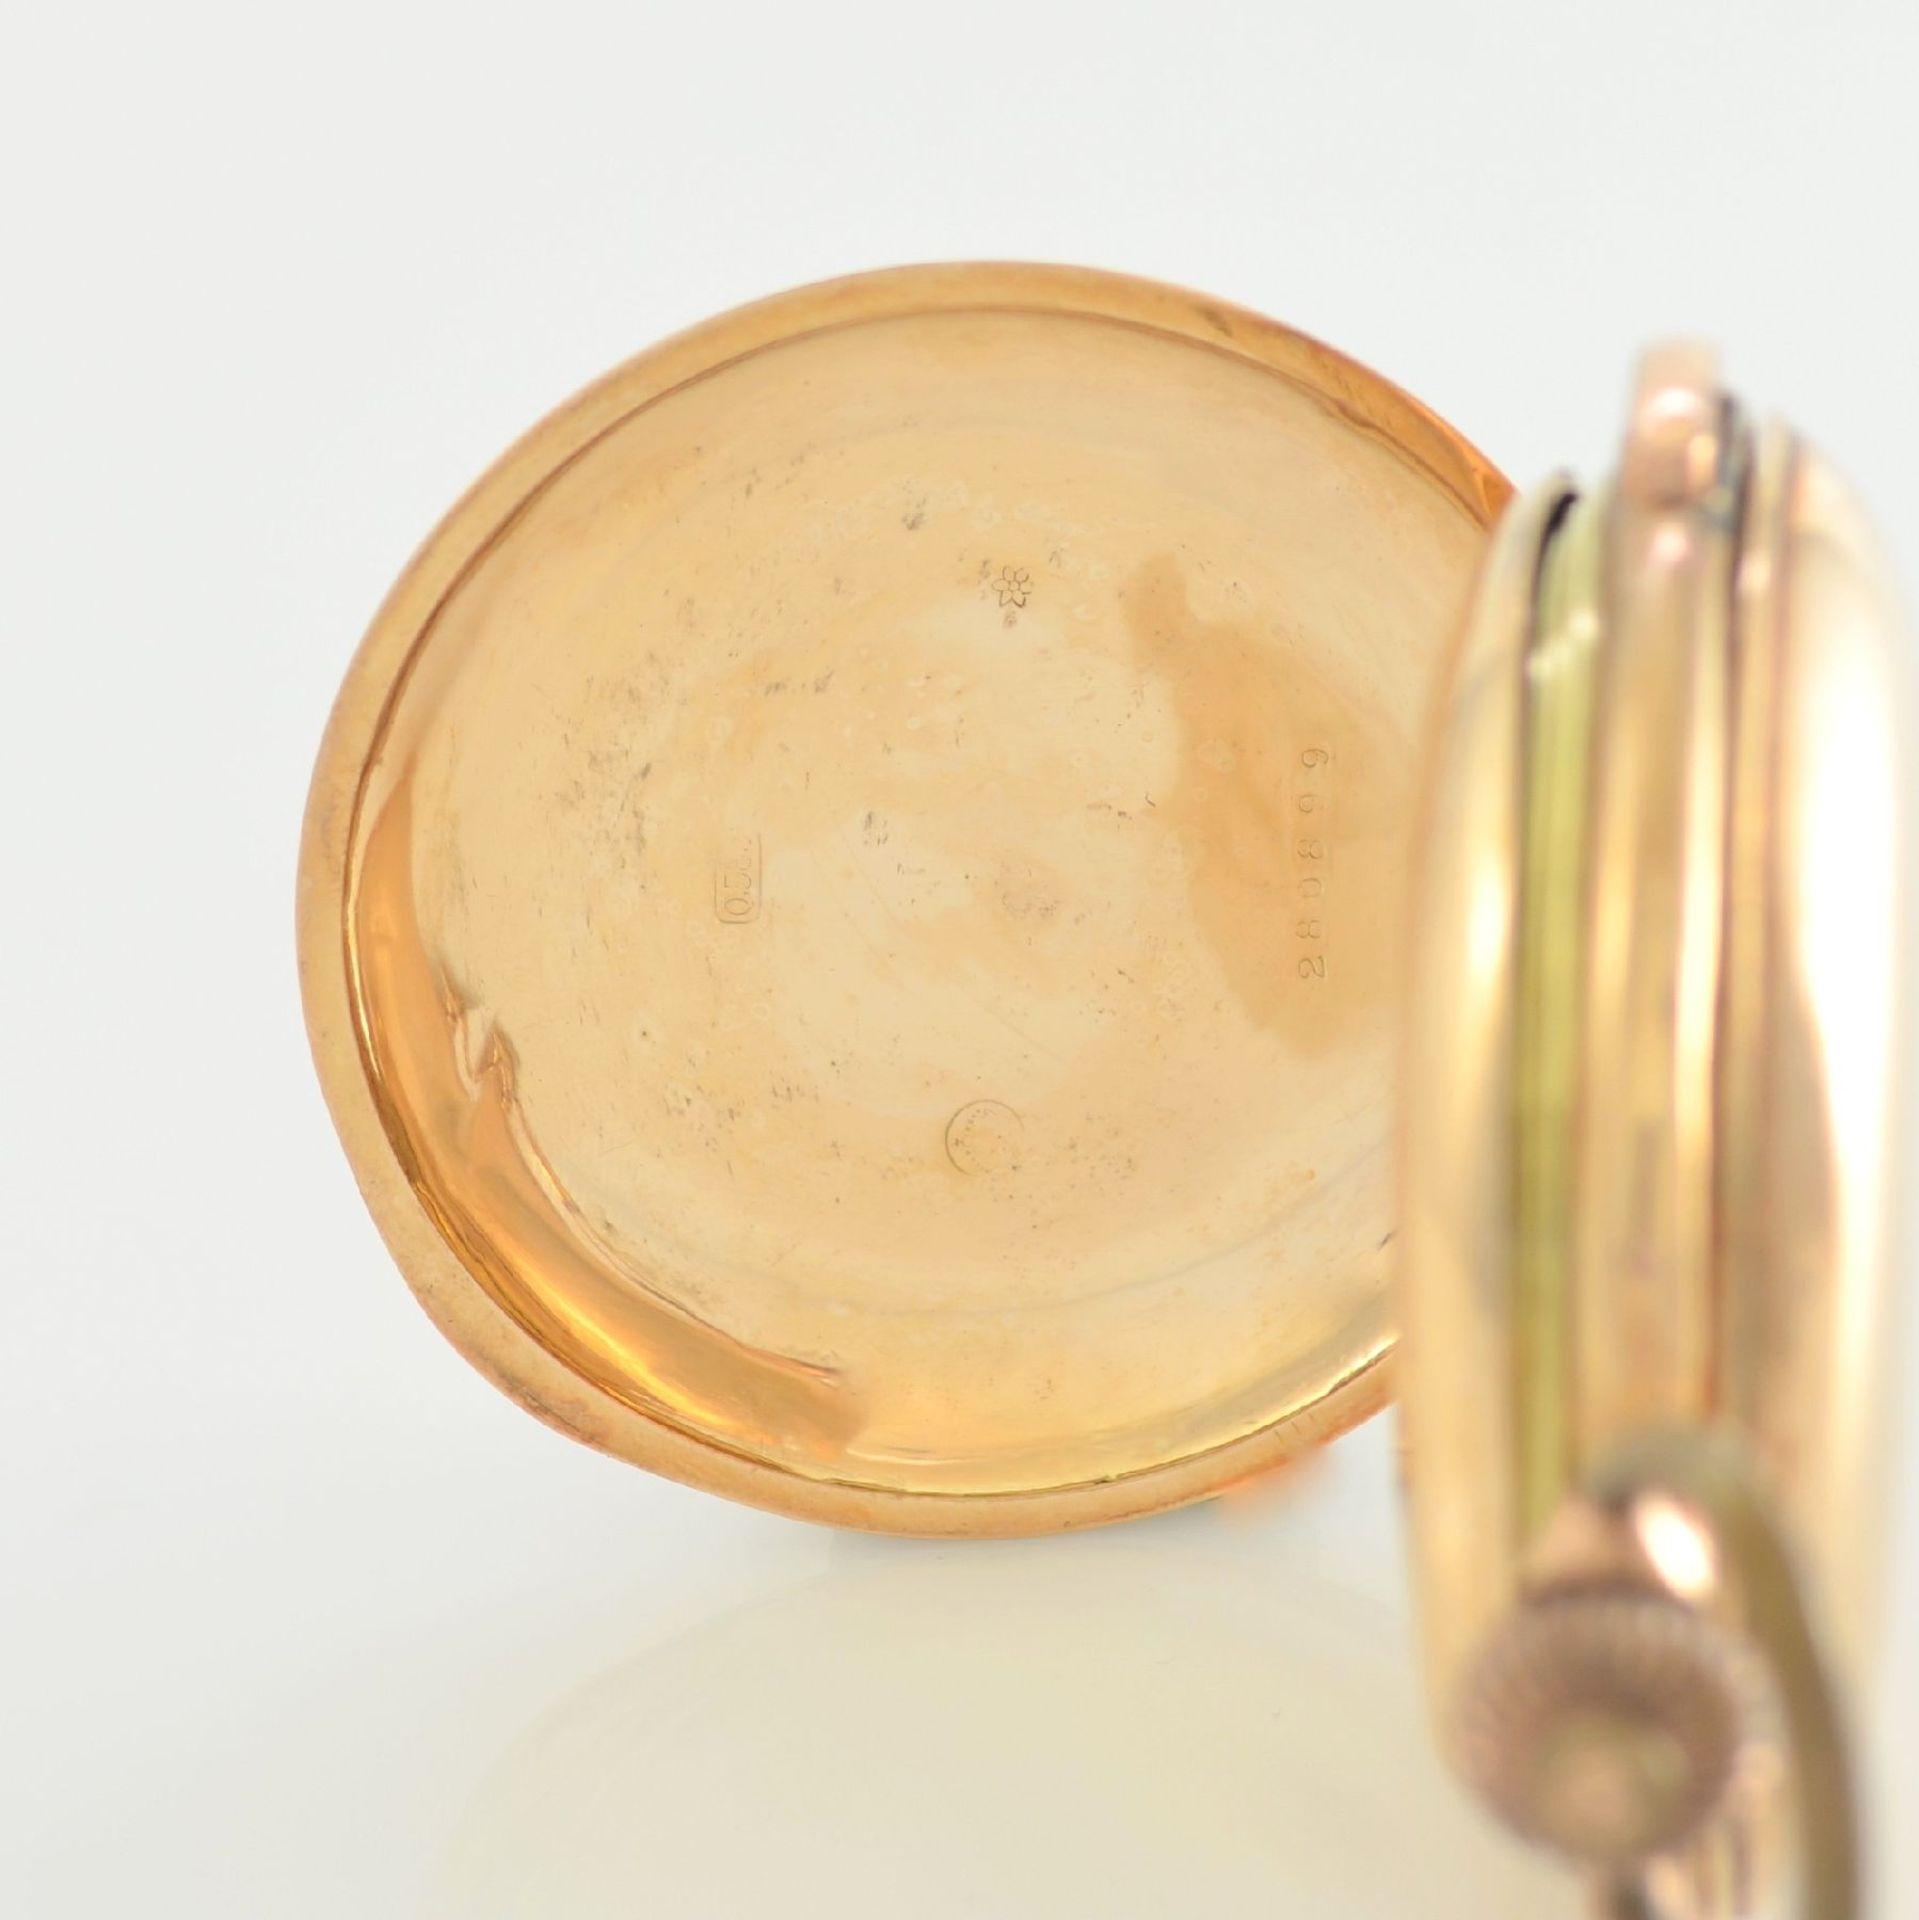 Savonette Herrentaschenuhr in RoseG 585/000 mit 1/4 Stunden Repetition und Chronograph, Schweiz um - Bild 5 aus 9